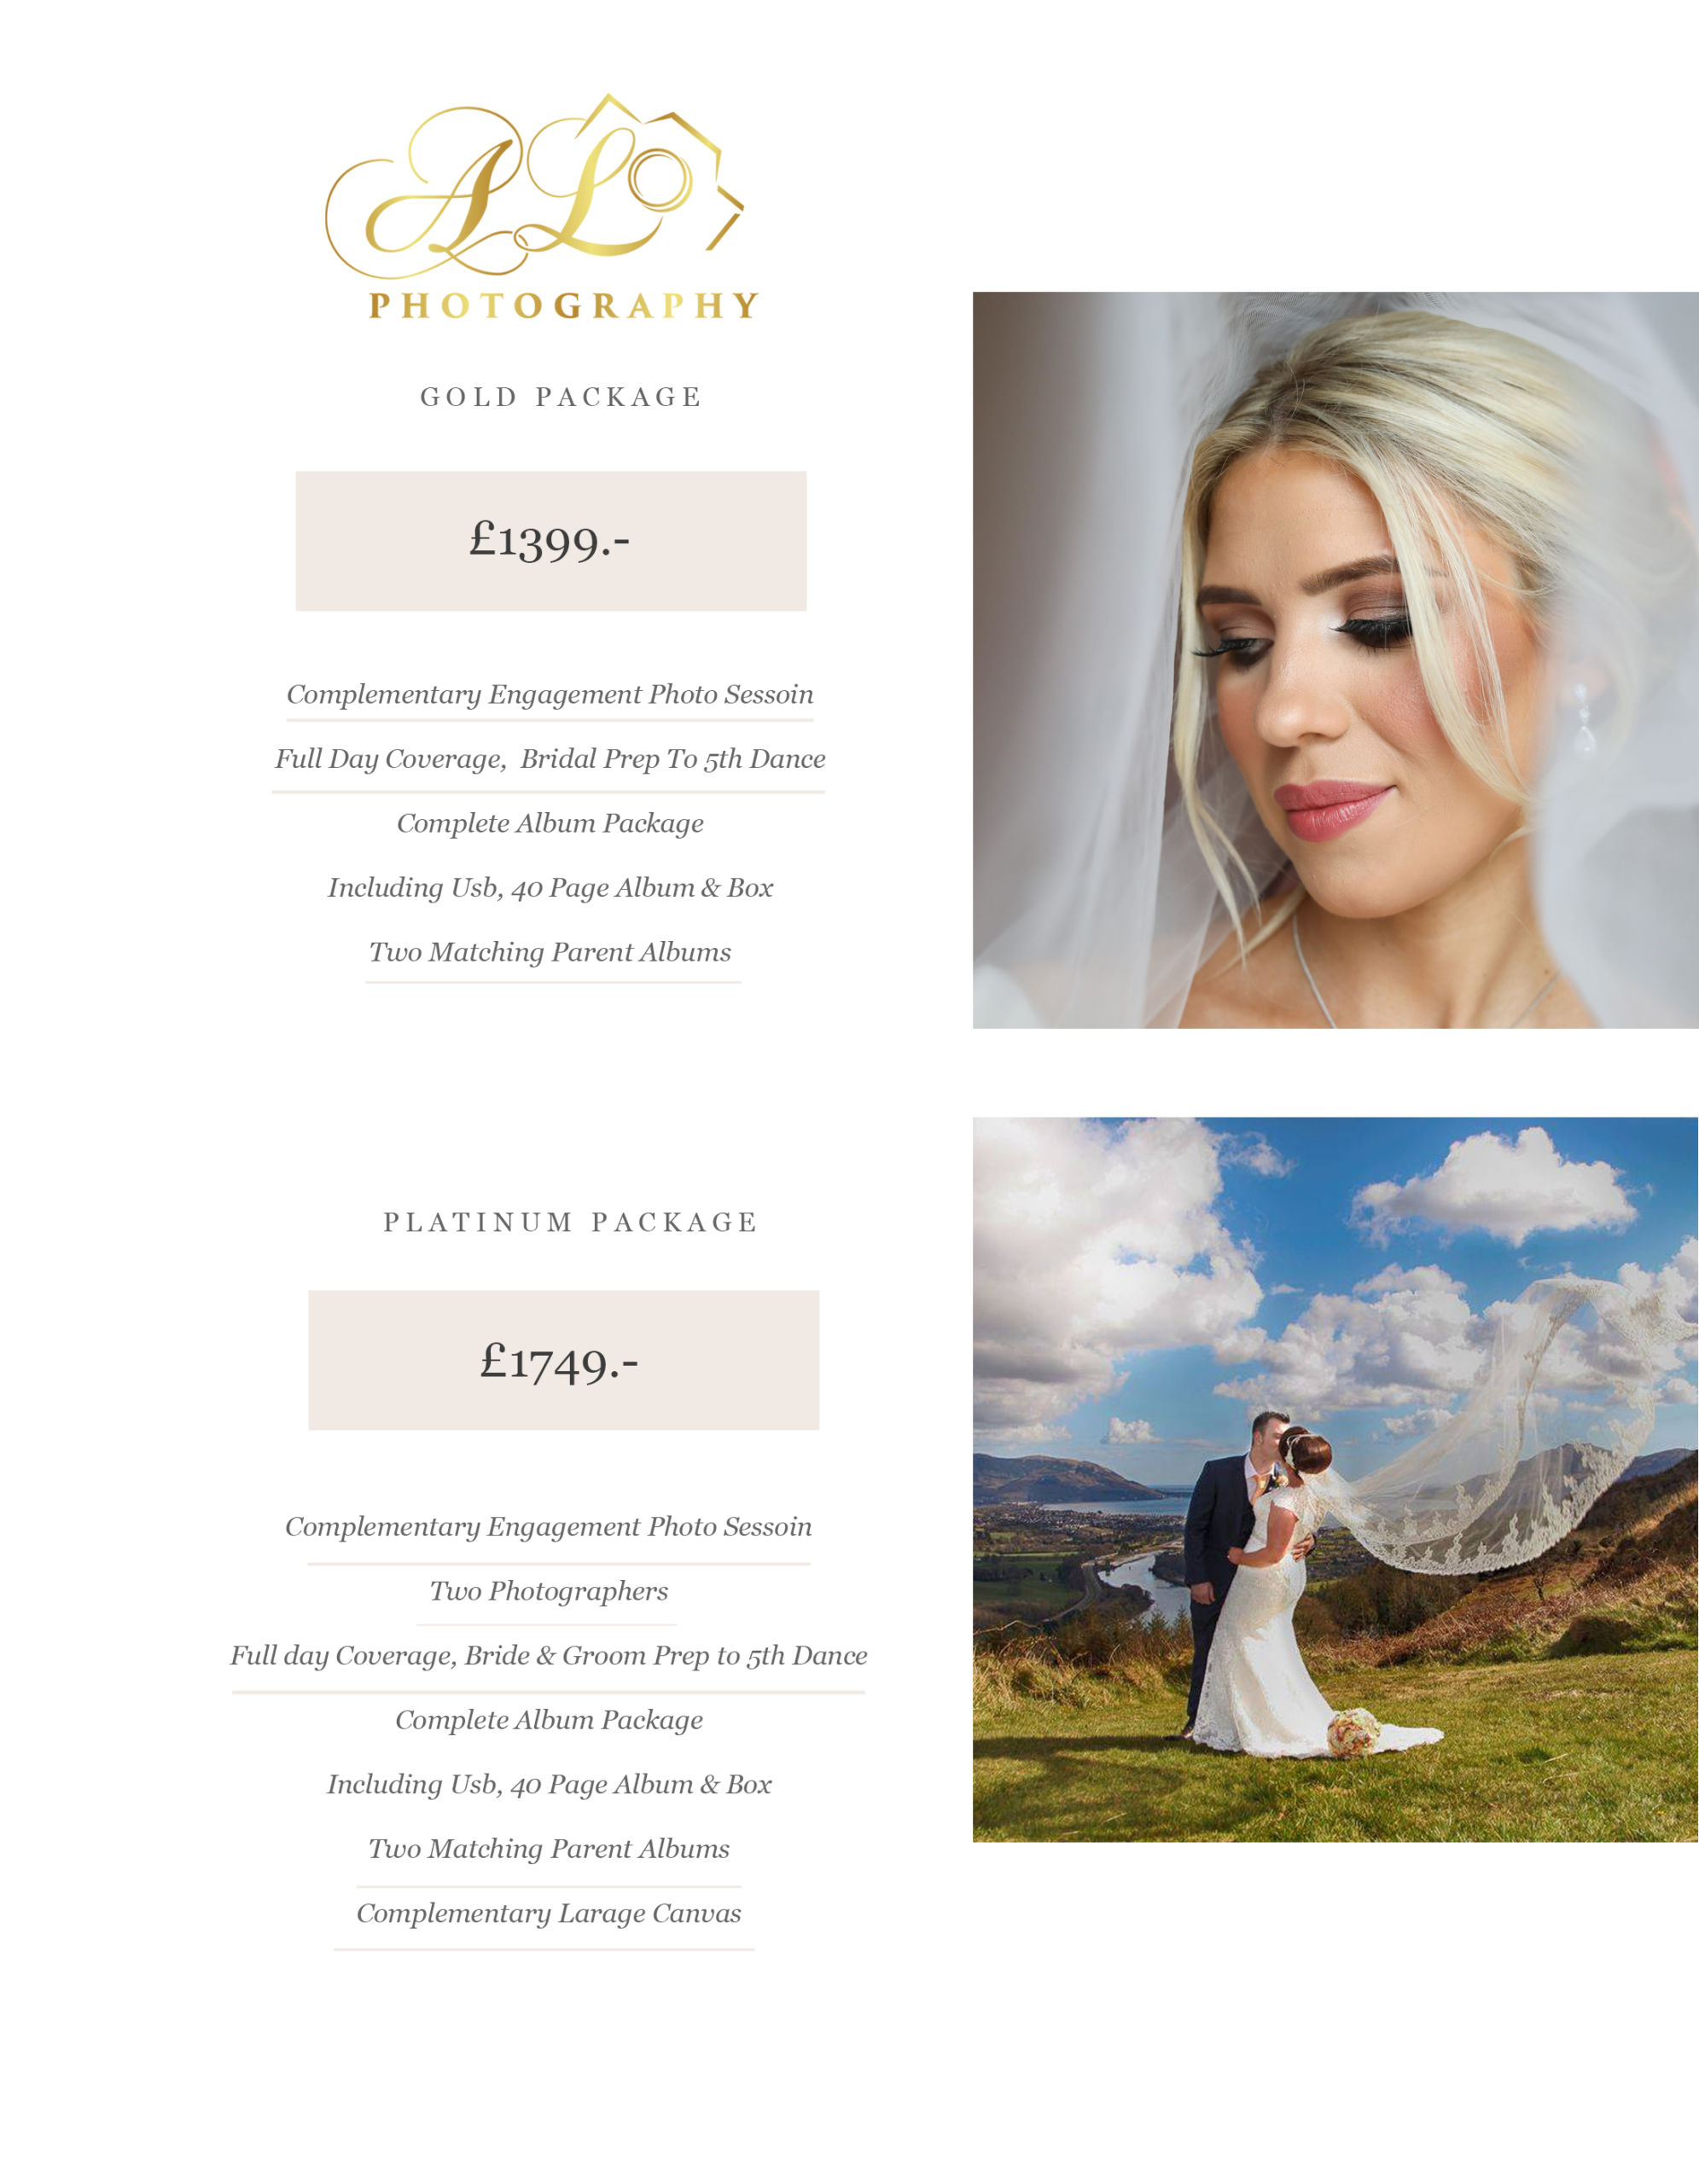 Wedding Photography With AL Photography Ireland & Northern Ireland